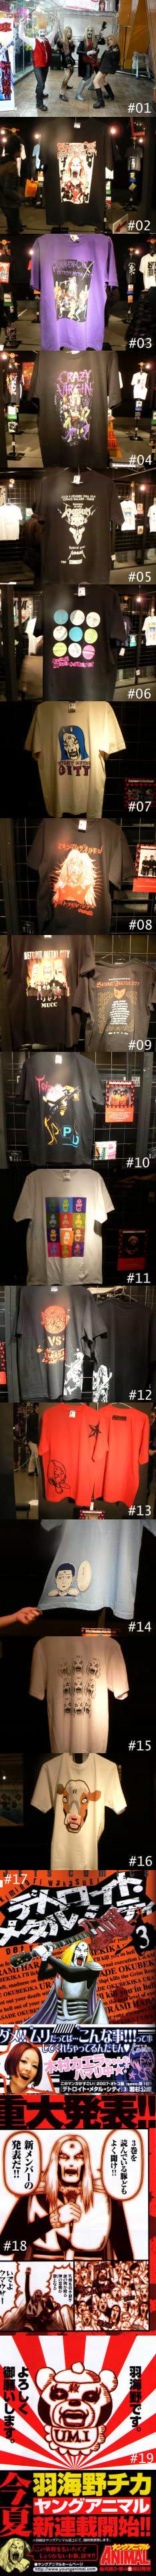 ●#01 タワレコ渋谷店店頭ではDMCのメンバーと社長の姿が……。記念撮影にも気軽に応じる懐の深さ! ●#02 P'UNK~EN~CIELとのコラボTシャツその1 ●#03 P'UNK~EN~CIELとのコラボTシャツその2 ●#04 PUFFYとのコラボTシャツ。PUFFYからは『CRAZY VIRGIN 対バン求ム』のメッセージが ●#05 カヒミ・カリィとのコラボTシャツ ●#06 カジヒデキとのコラボTシャツ。カジ君からは『早く海外ツアーをしてエッフェル塔にも「ファック」して下さい!』との力強いエールが! ●#07 峯田和伸とのコラボTシャツ ●#08 マキシマムザ亮君とのコラボTシャツ。メッセージはとてもここには掲載できないので会場でご確認を! ●#09 ムックとのコラボTシャツ。『サタニックアナライシス』ツアーを一緒に回ったムックからはメンバーへの感謝と忠誠を誓う熱い言葉が! ●#10 POLYSICSとのコラボTシャツ。DMC信者のハヤシがメッセージでDMCを「日本のRockの救世主」と最上級の賛辞を贈っている ●#11 ROLLYとのコラボTシャツ。読んで思わず納得のメッセージは一見の価値アリ ●#12 筋肉少女帯とのコラボTシャツ。大槻ケンジがDMCに対バンを要望。驚きの提案も!? ●#13 木村カエラとのコラボTシャツ ●#14 シュノーケルとのコラボTシャツ。「その発想はなかったわ」というアイデアコラボ ●#15 水中、それは苦しいとのコラボTシャツ。クラウザーさんへステキな貢ぎ物を用意して待ってるそうです ●#16 CHERRY LYDERとのコラボTシャツ。クラウザーさんのメス豚になれた感動が素朴に綴られている ●#17 話題の「デトロイト・メタル・シティ」(白泉社)3巻。帯はTシャツでもコラボした木村カエラ! 「DMC」とかけたコメントがニクい ●#18~#19 DMC3巻内に封入された広告。大ヒットコミック「ハチミツとクローバー」作者の羽海野チカが、今夏からヤングアニマル誌で新連載を開始するそうだ! クラウザーさん×クマウザーの夢の「誌上セッション」もあるかも?